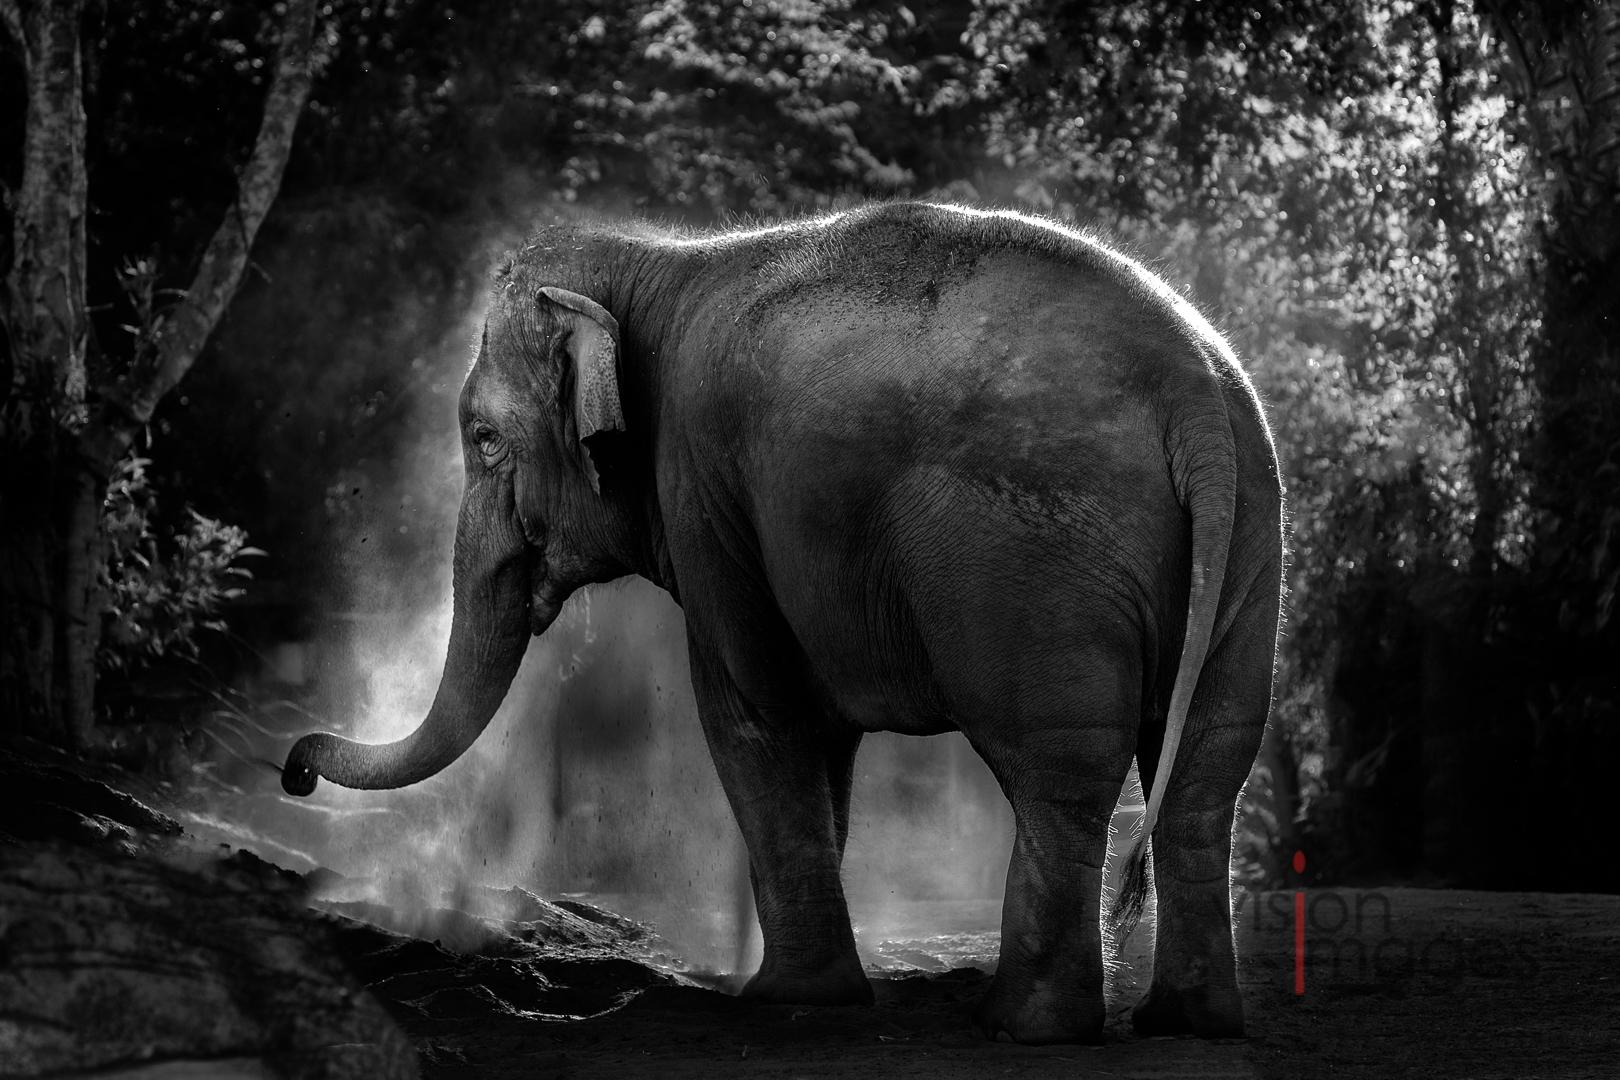 Elephant photographed at Taronga Zoo (c) Jacci Schipp-Benz